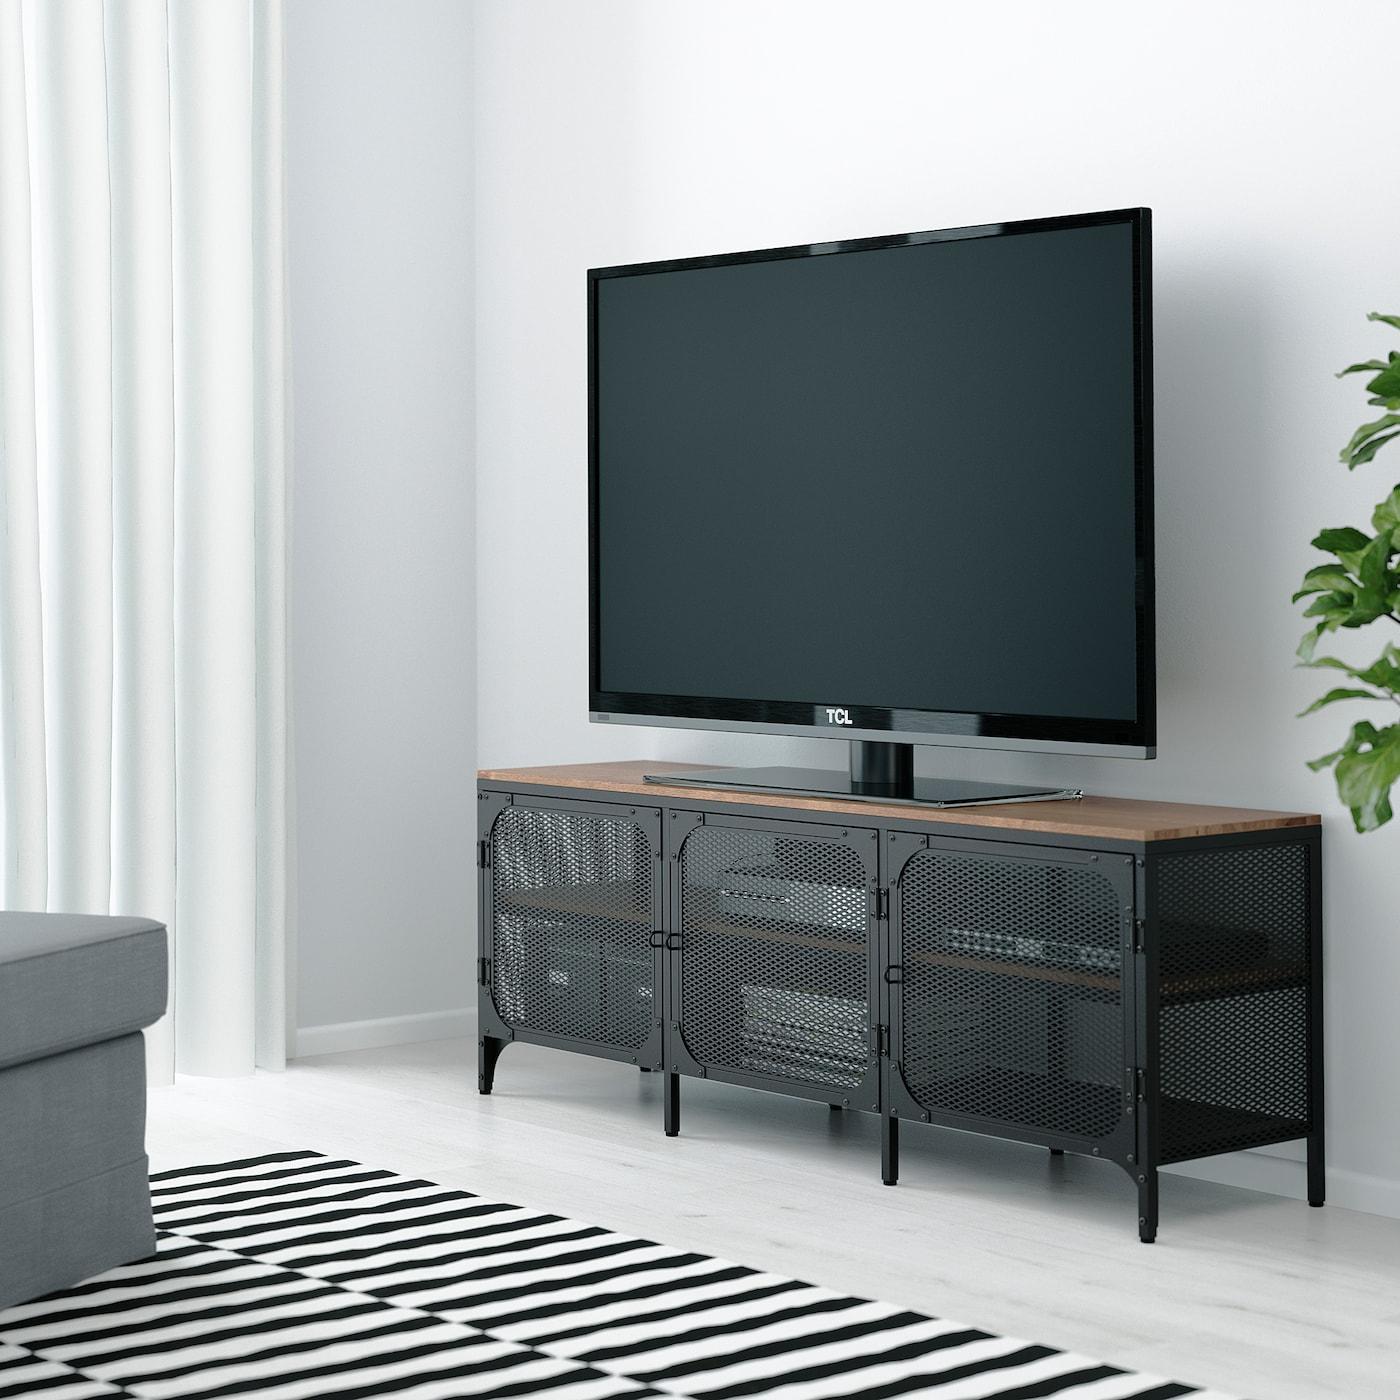 Ikea Mosjo Tv Meubel.Fjallbo Tv Unit Black 59x14 1 8x21 1 4 Ikea